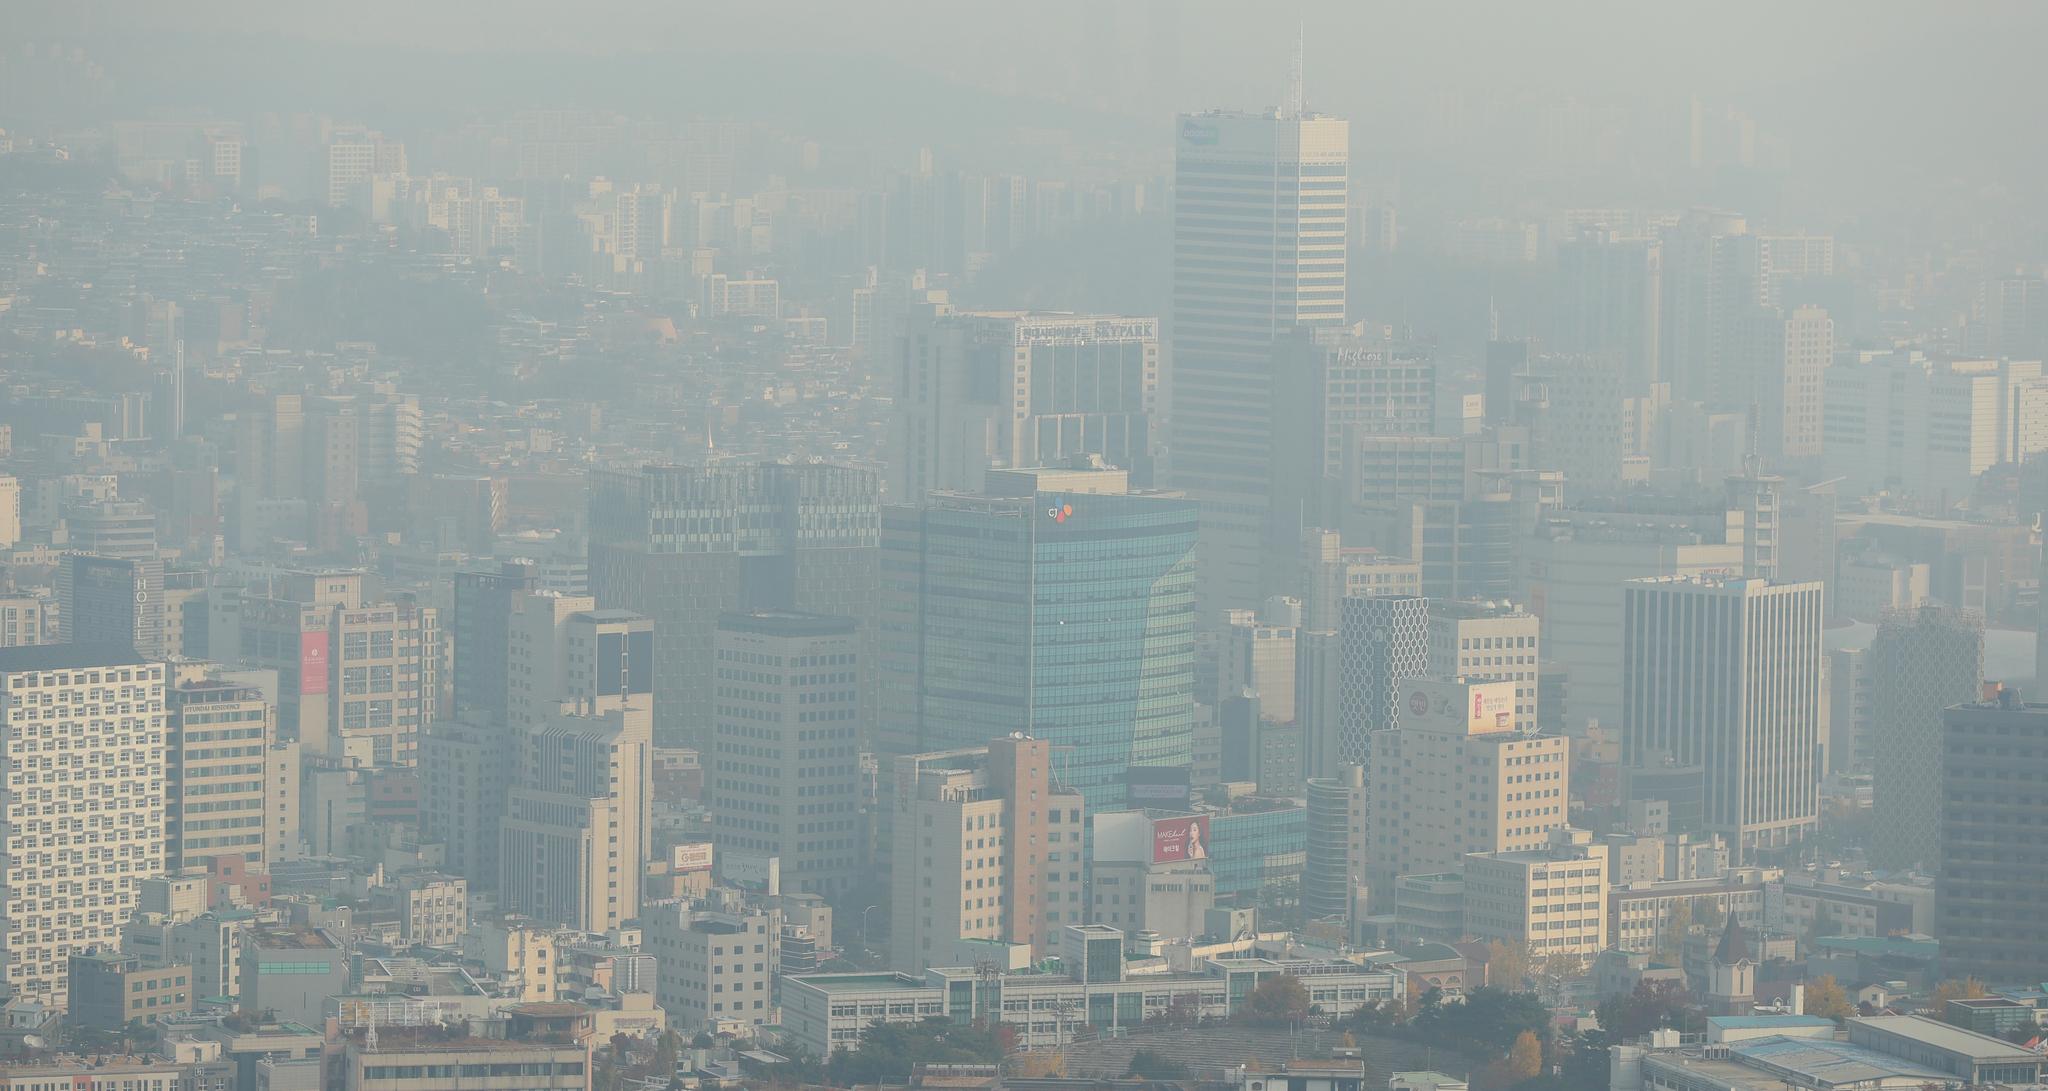 전국 대부분의 지역에서 미세먼지와 초미세먼지가 기승을 부린 6일 오전 서울 남산에서 바라본 도심이 미세먼지와 초미세먼지에 싸여 있다. [연합뉴스]